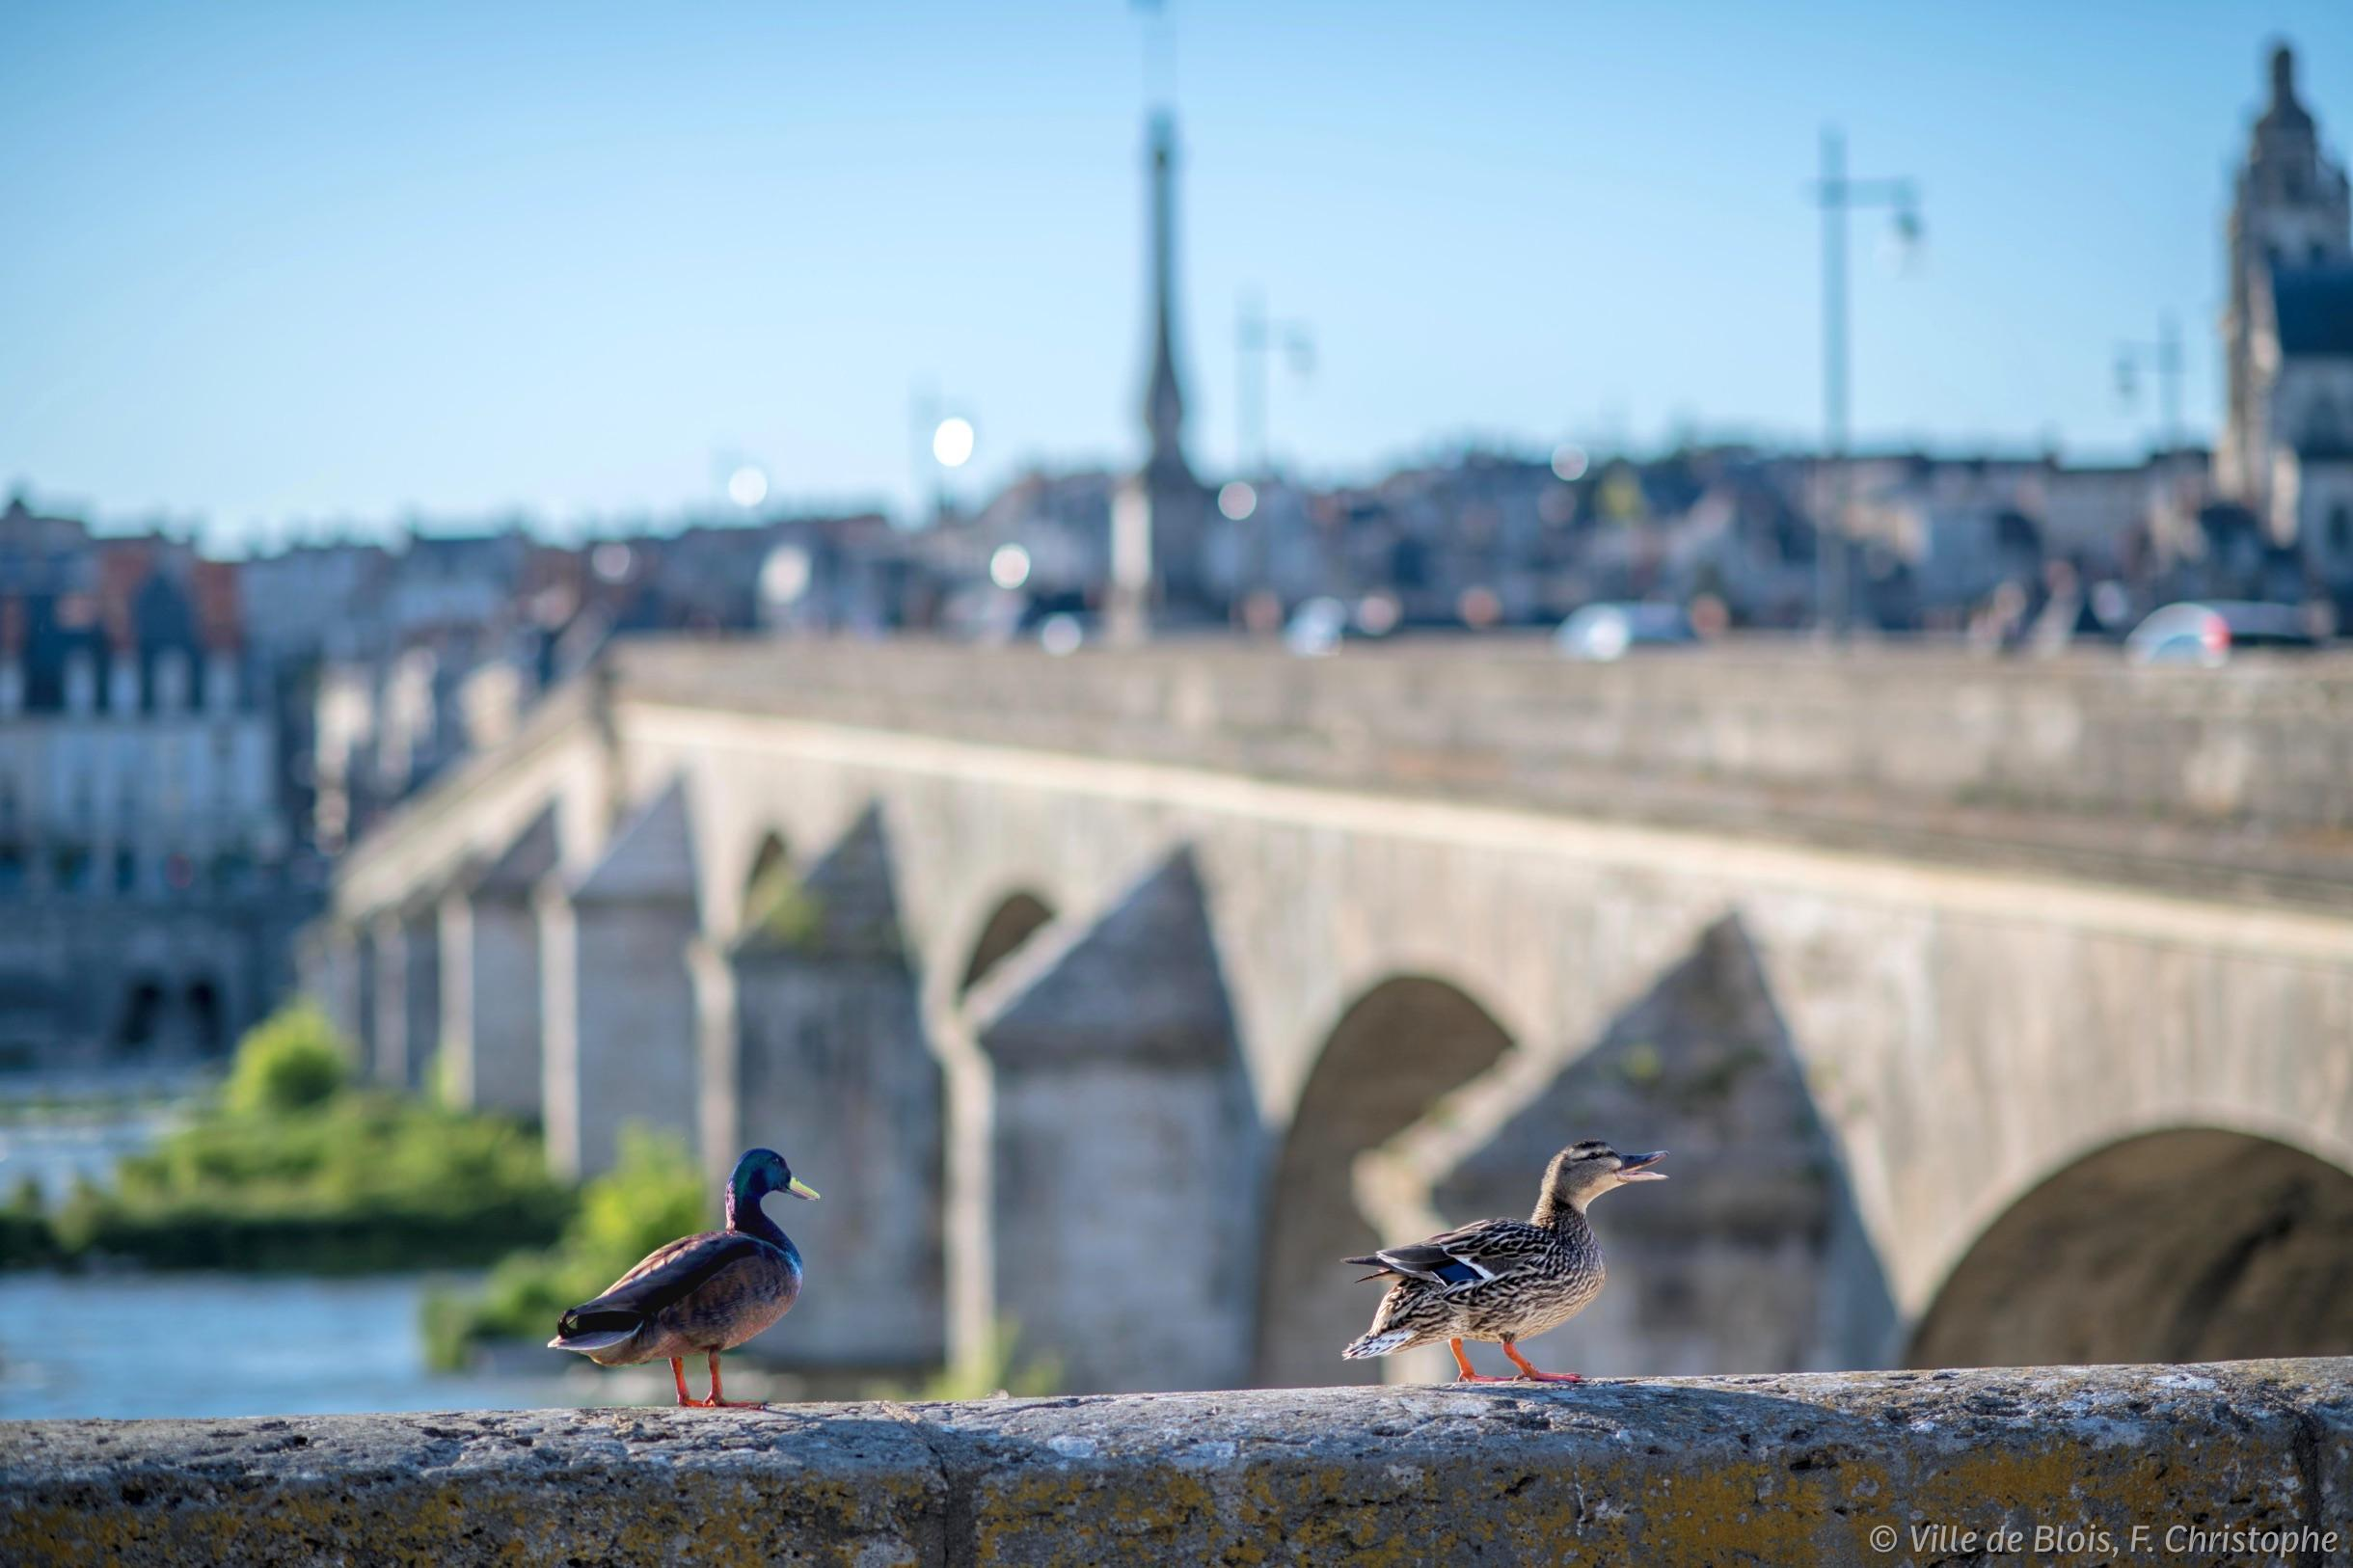 Deux canards se baladent sur une bordure des quais de la Loire, avec le pont Jacques-Gabriel et le nord de la ville en arrière-plan.